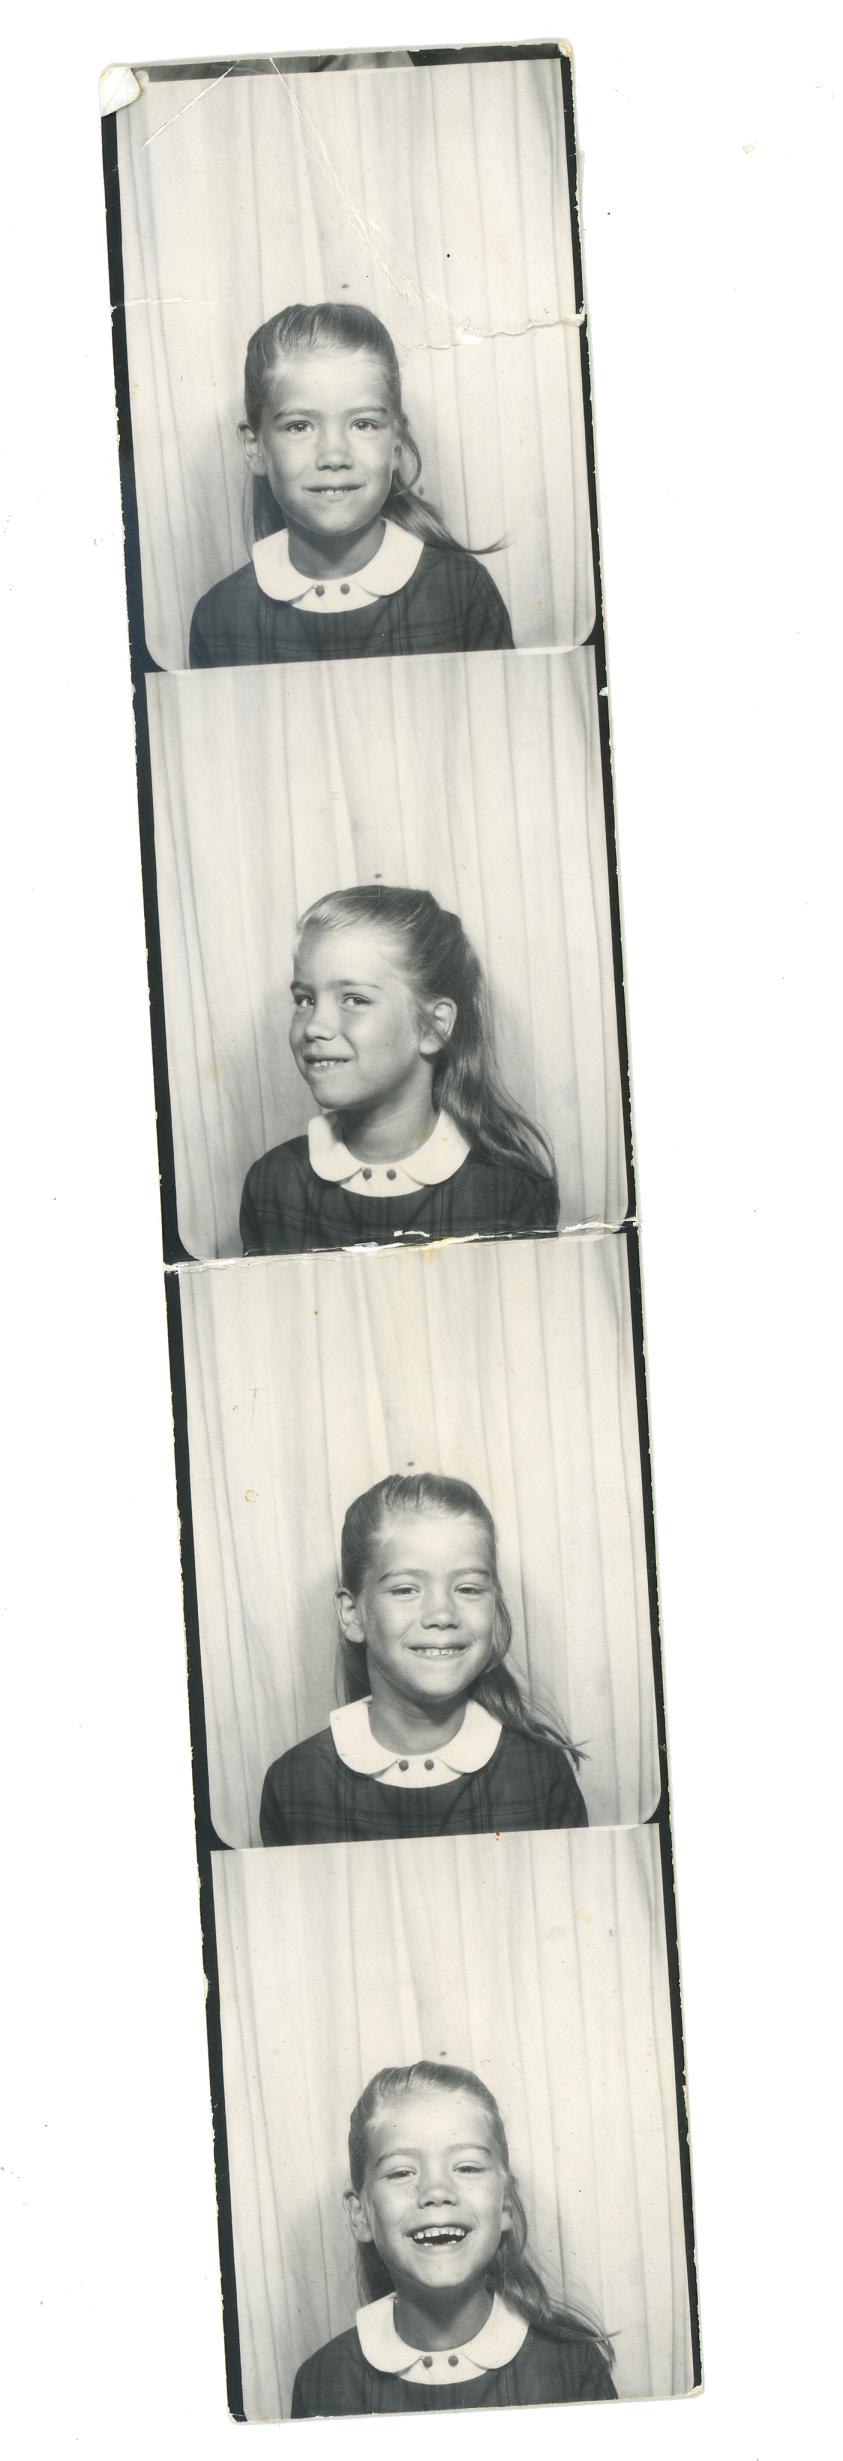 me as kid318.png